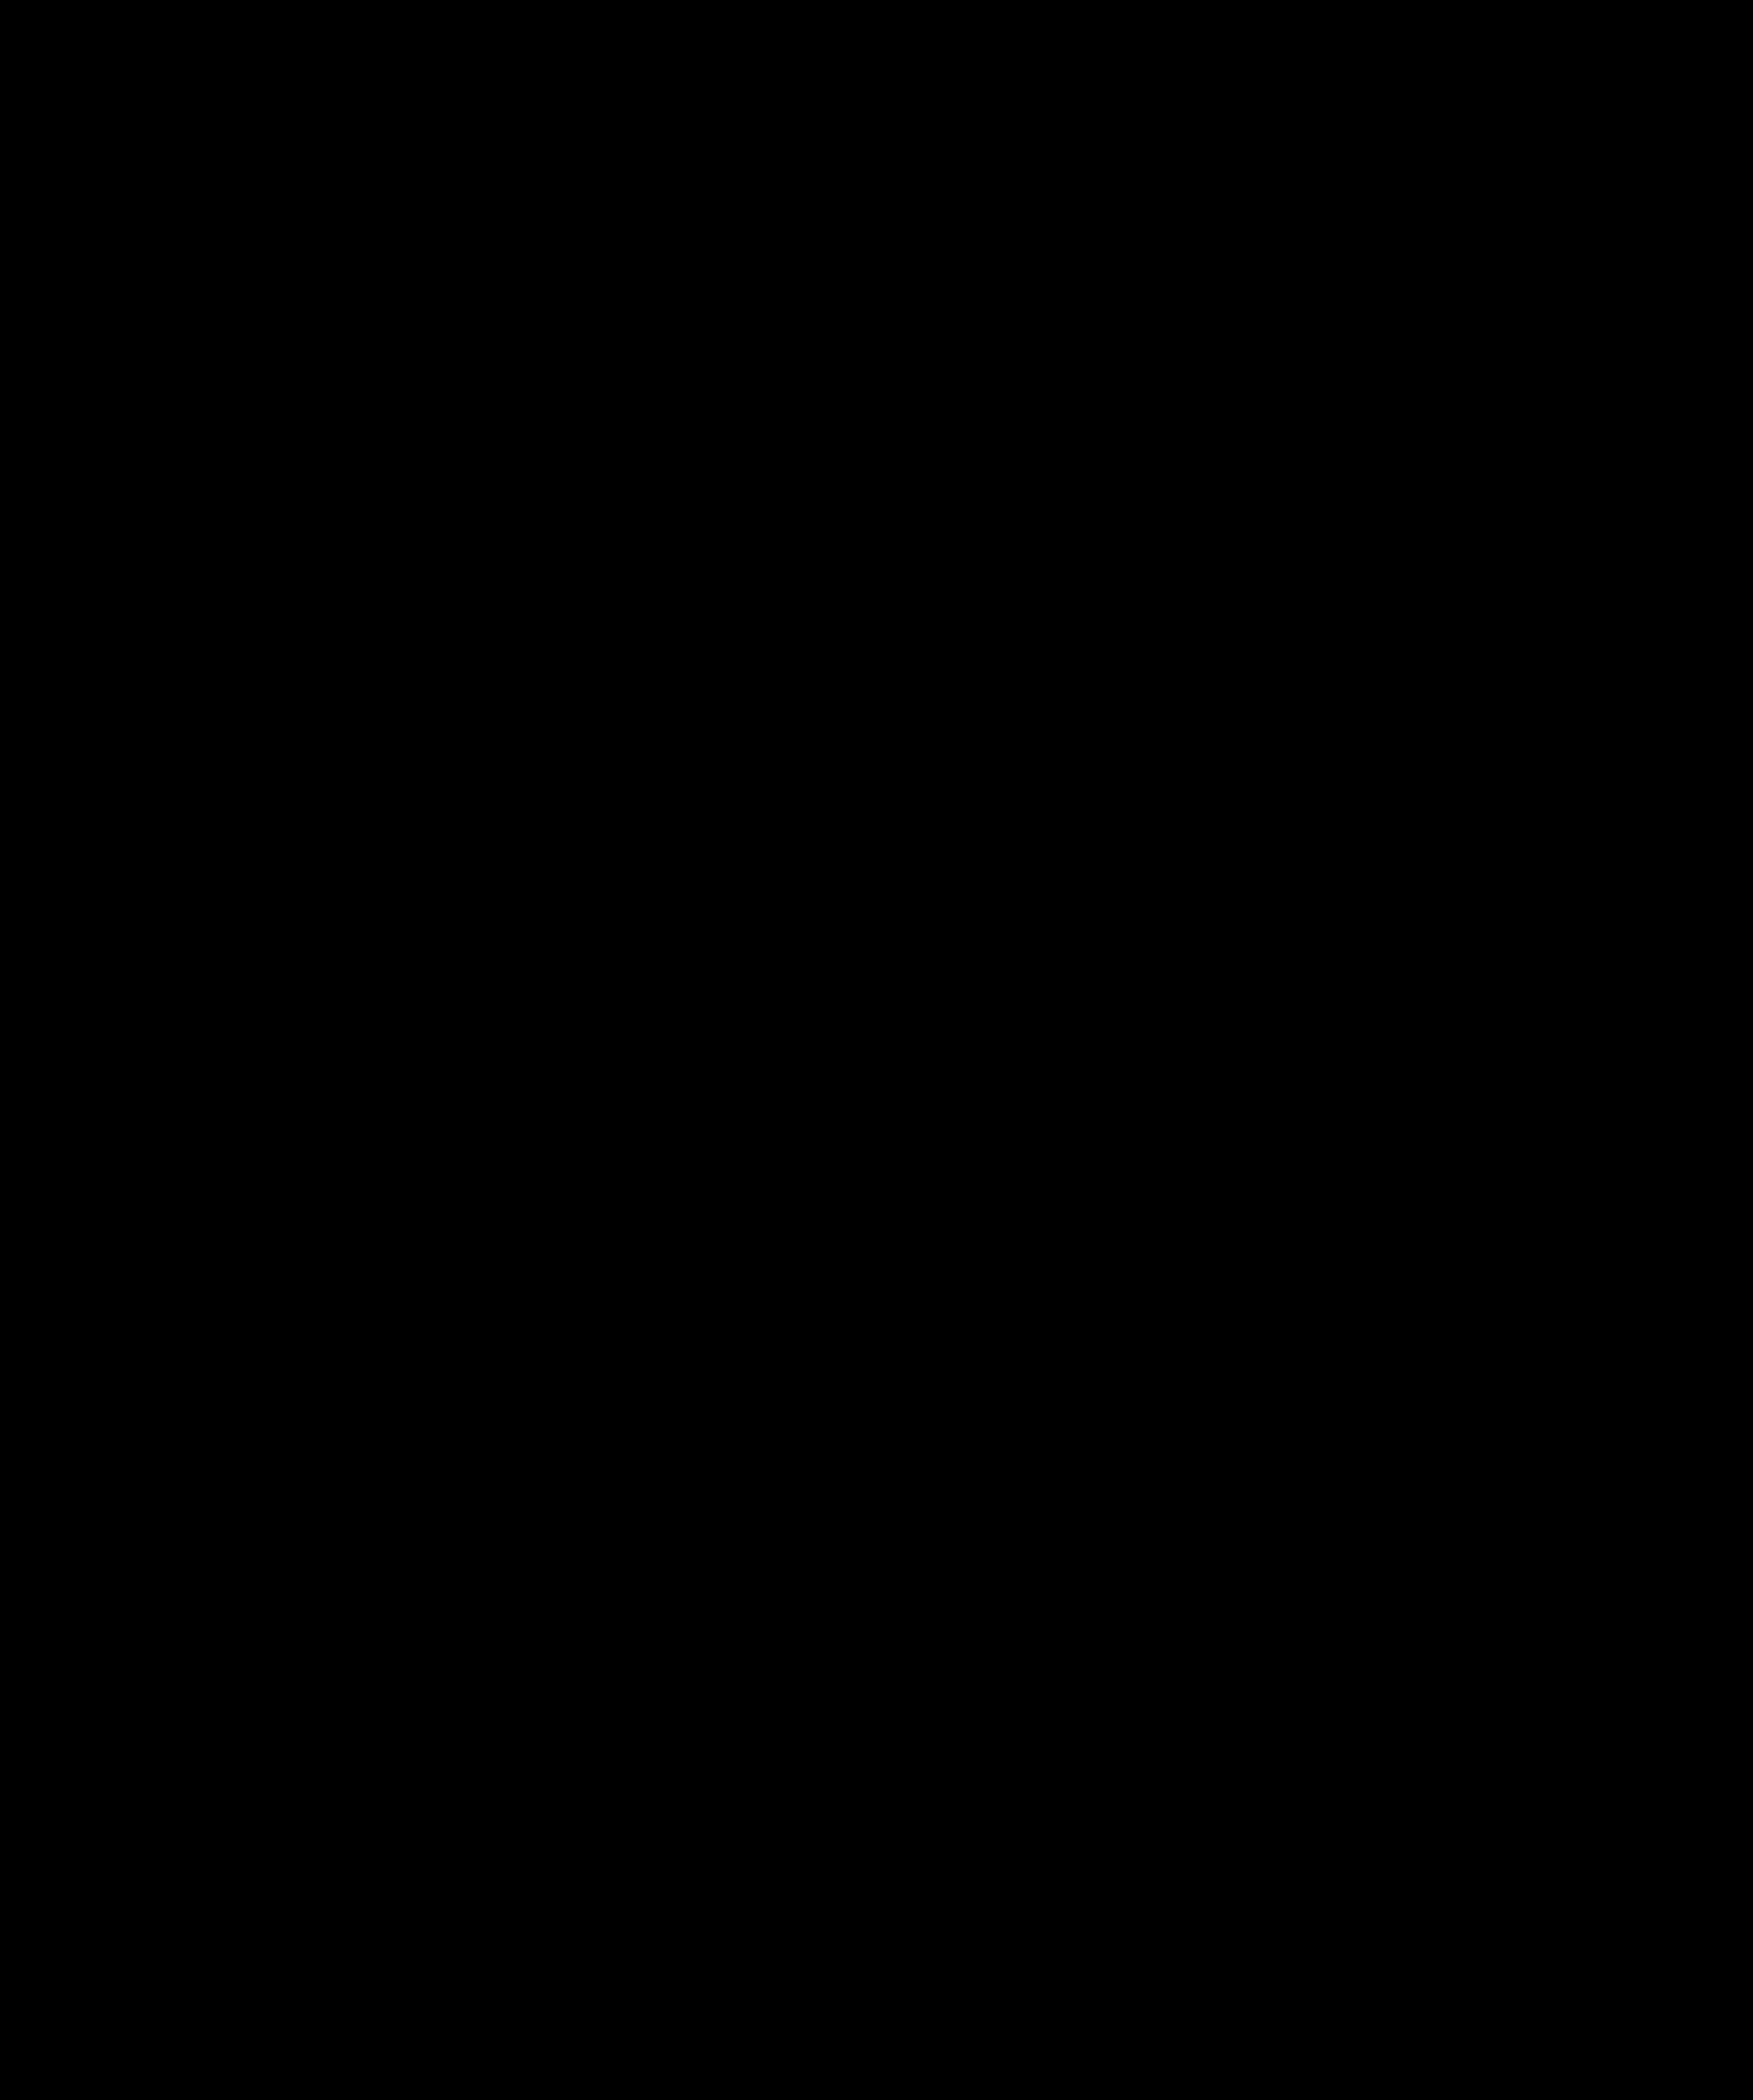 LINDBERG SIRIUS TITANIUM COLLECTION